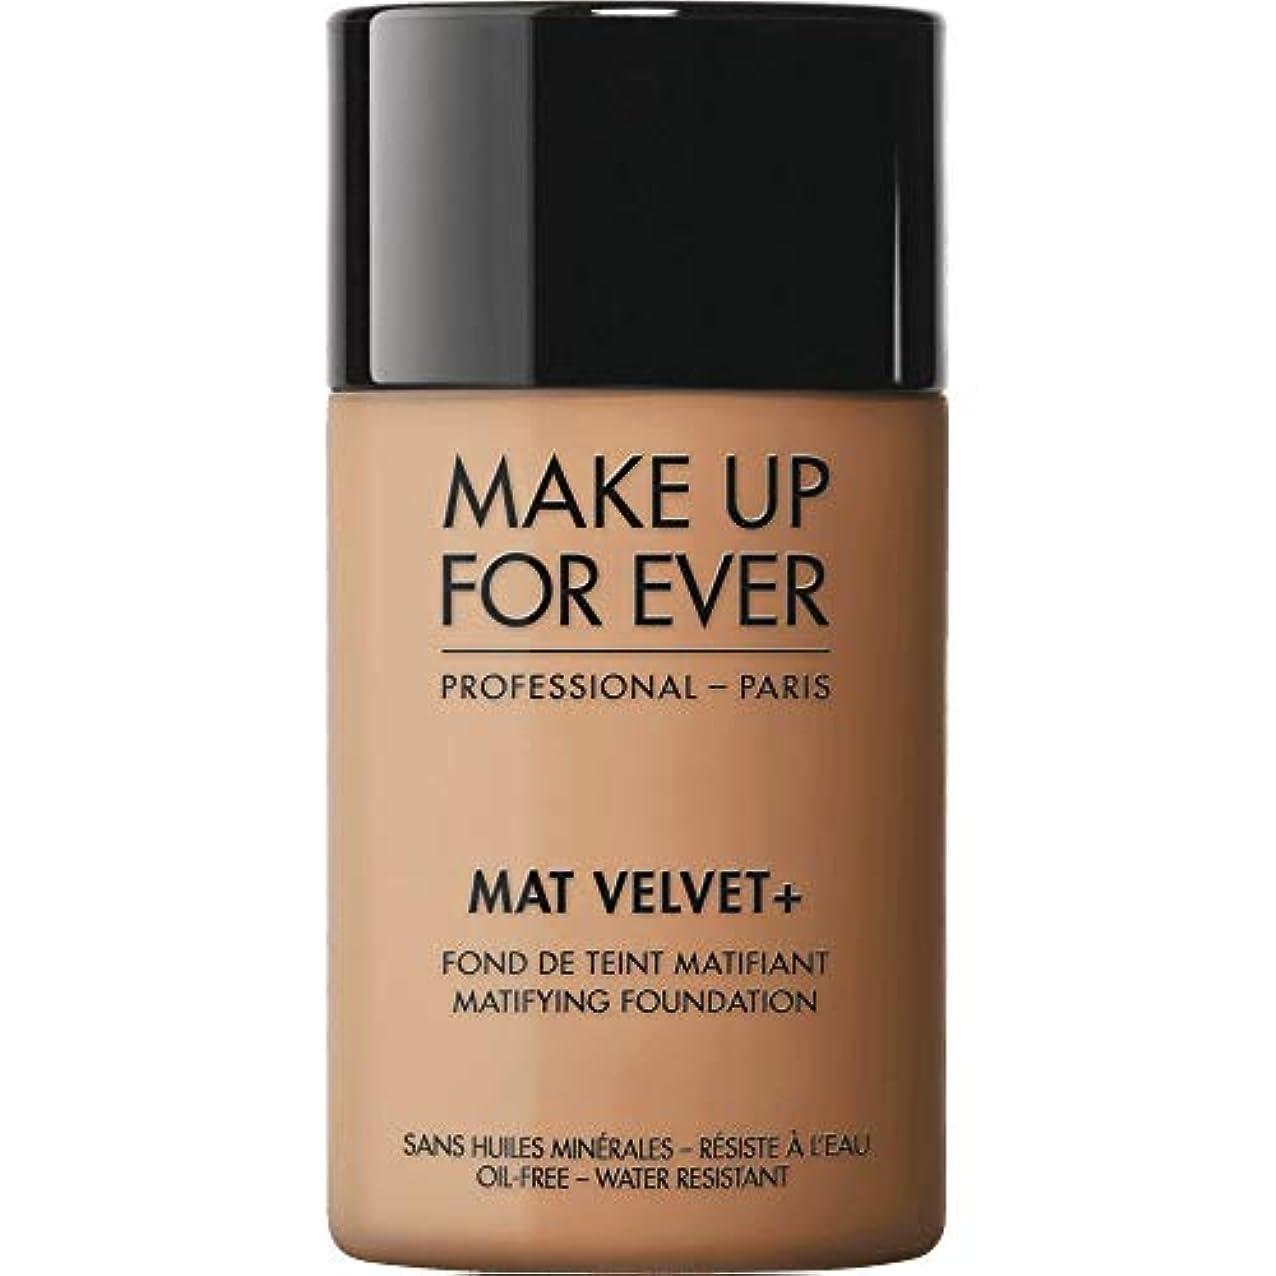 カカドゥやけど抜け目のない[MAKE UP FOR EVER ] 暖かい琥珀 - これまでマットベルベット+マティファイングの基礎30ミリリットル67を補います - MAKE UP FOR EVER Mat Velvet+ Matifying Foundation 30ml 67 - Warm Amber [並行輸入品]